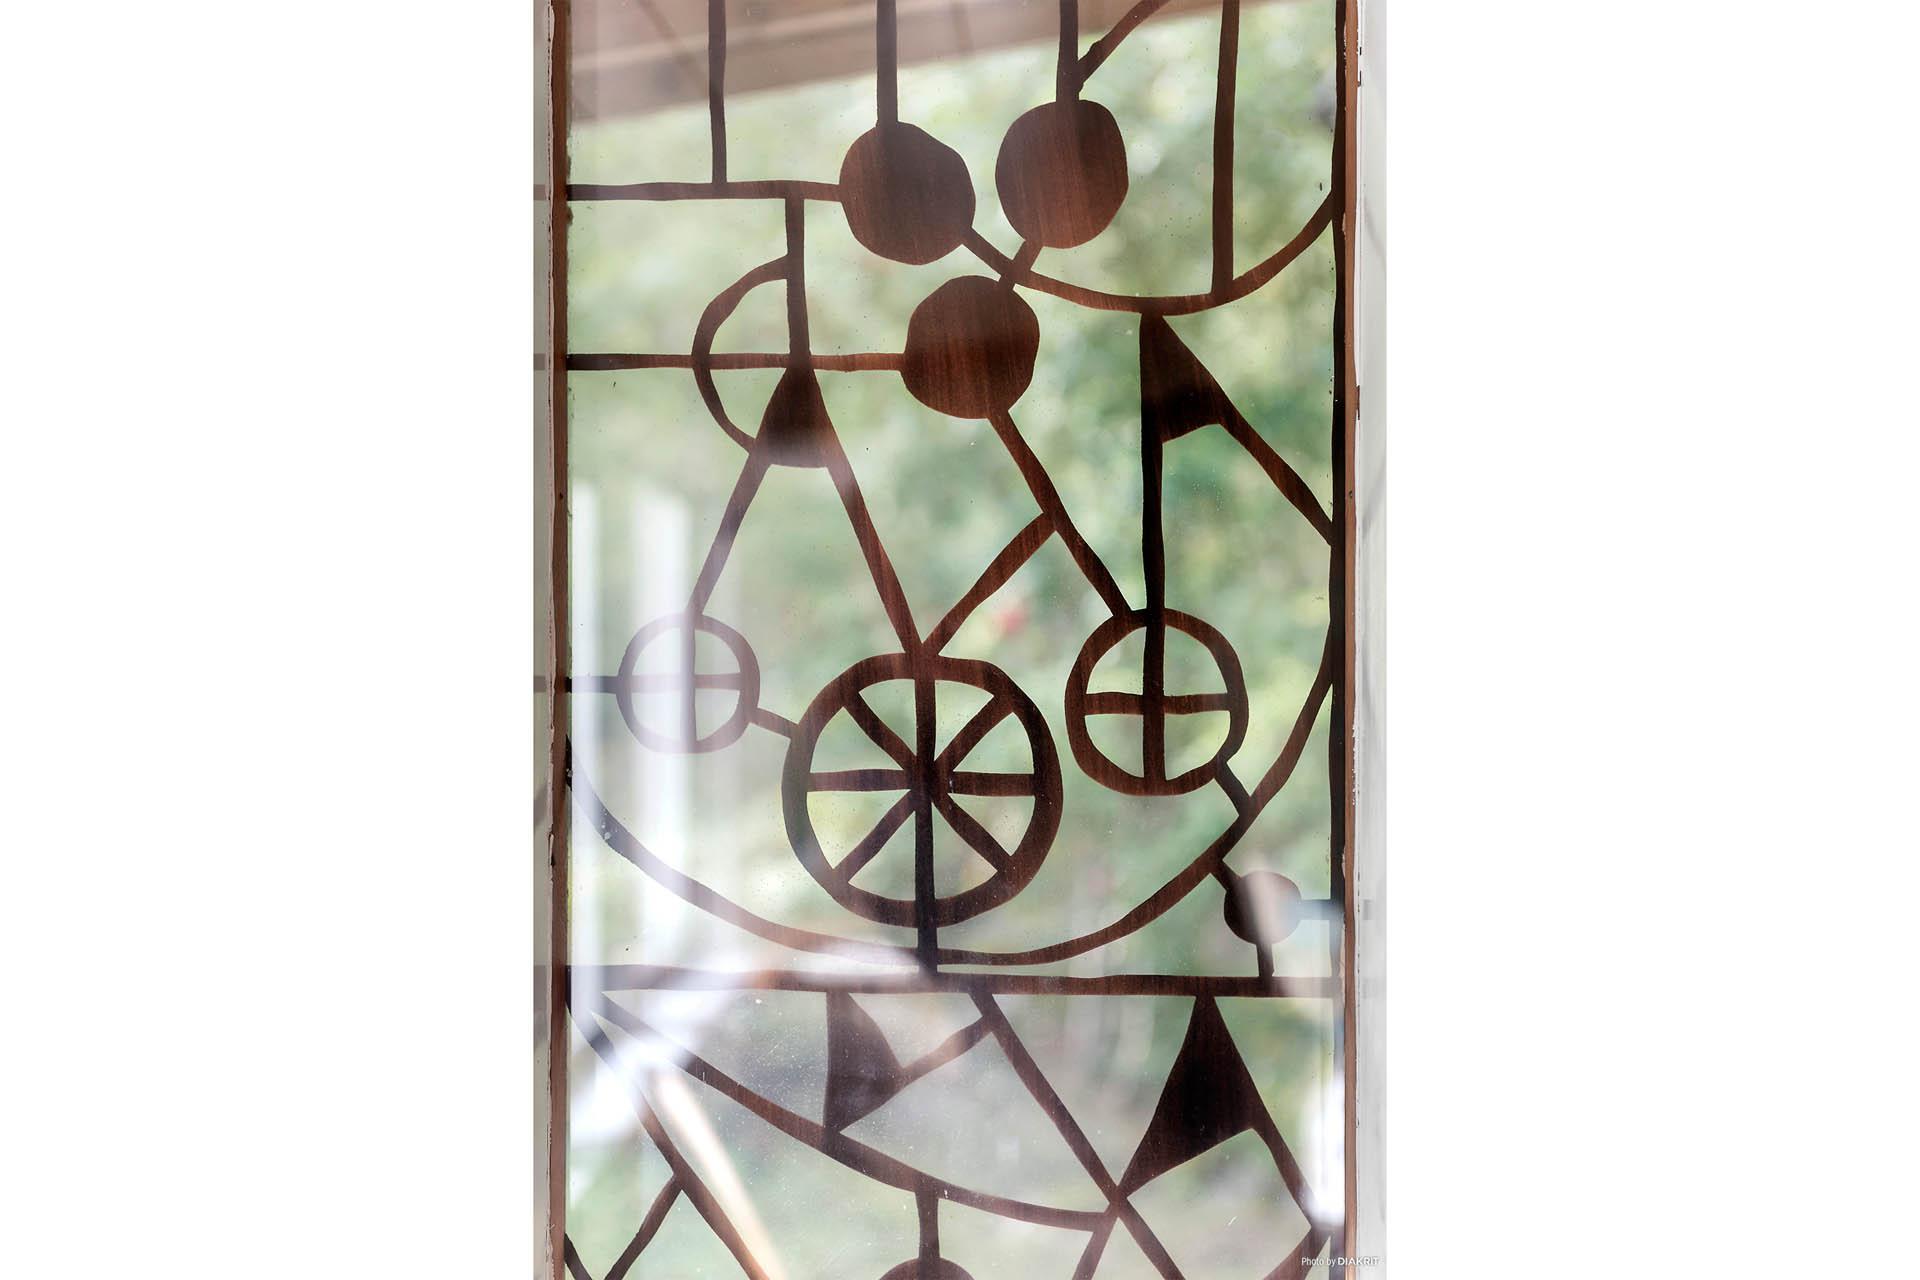 Detalj fönster